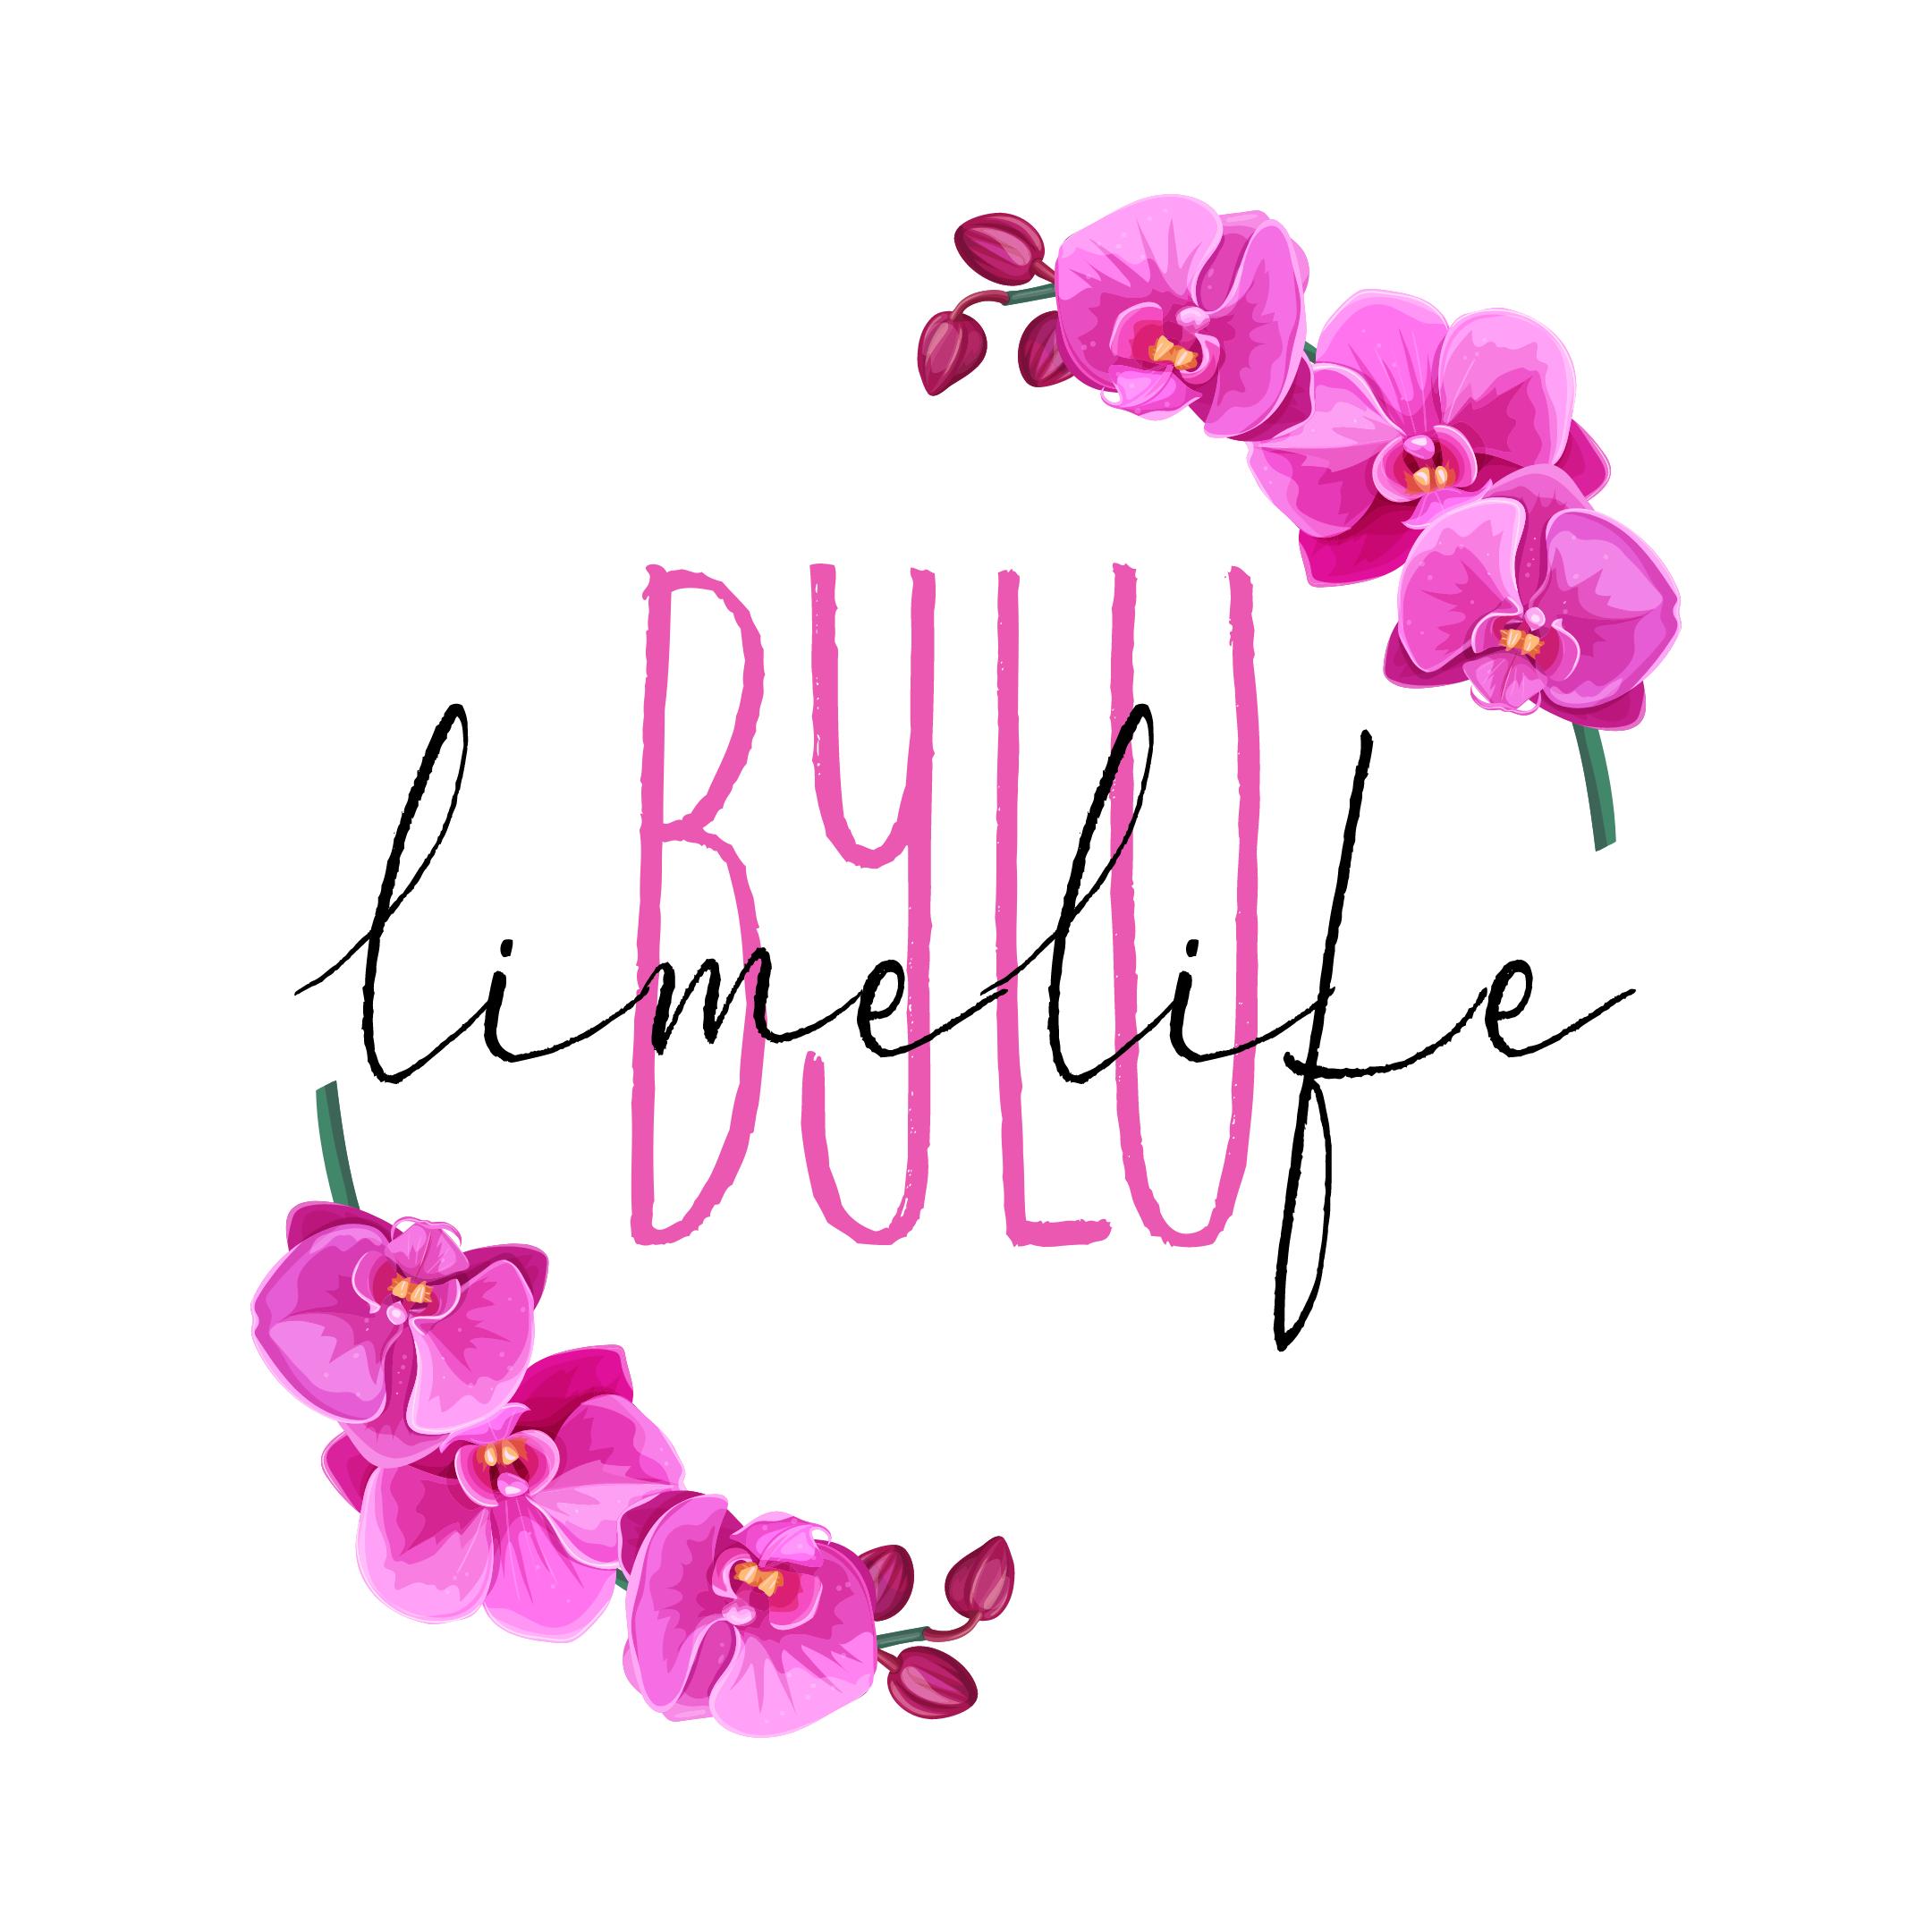 Limelife ByLu